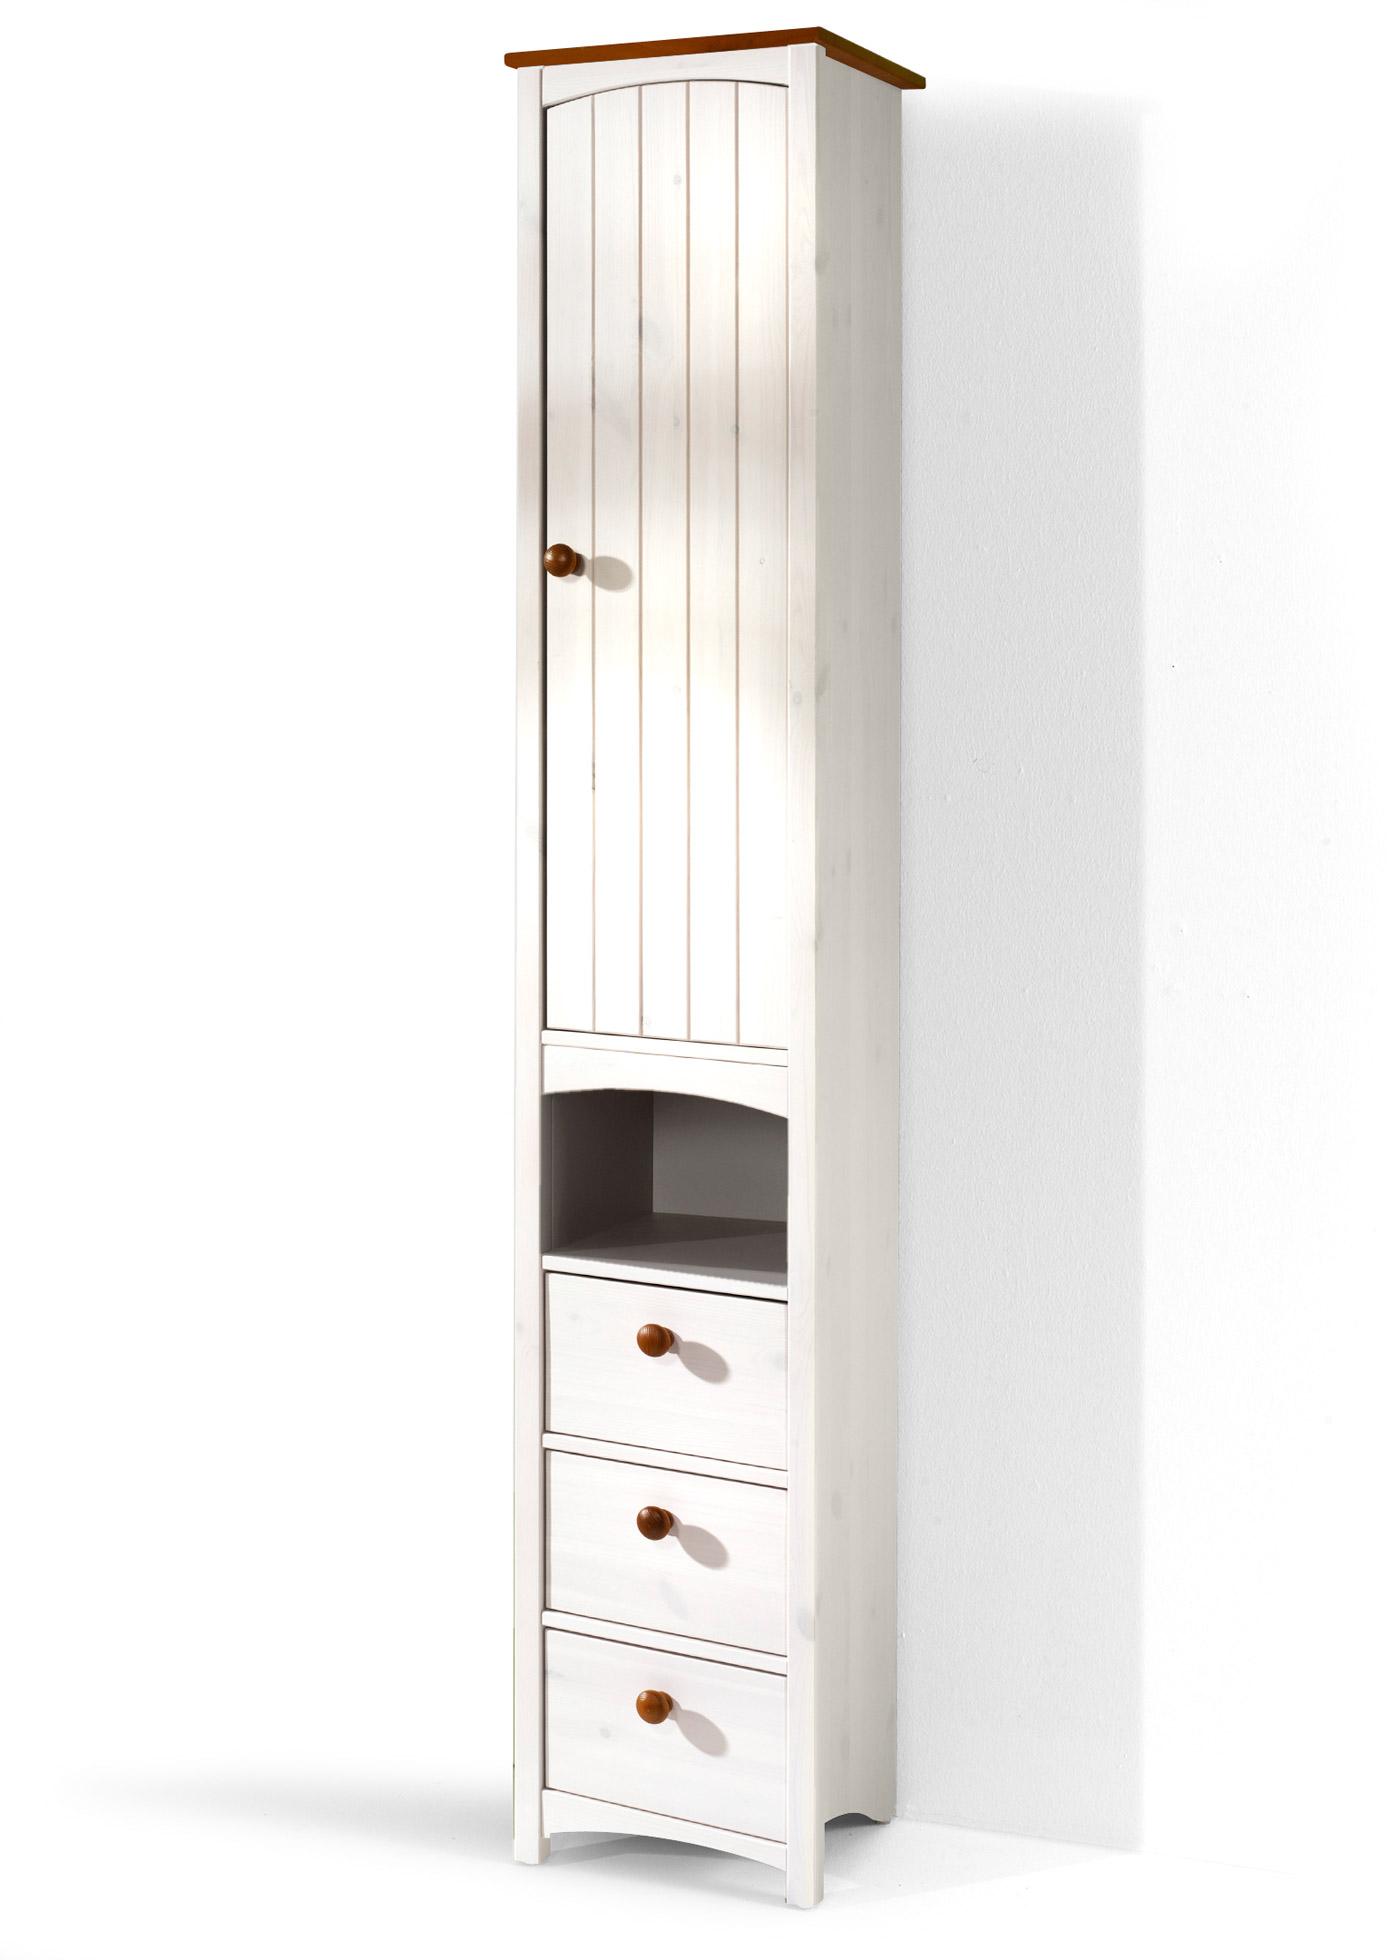 schmaler schrank weiss sonstige preisvergleiche. Black Bedroom Furniture Sets. Home Design Ideas